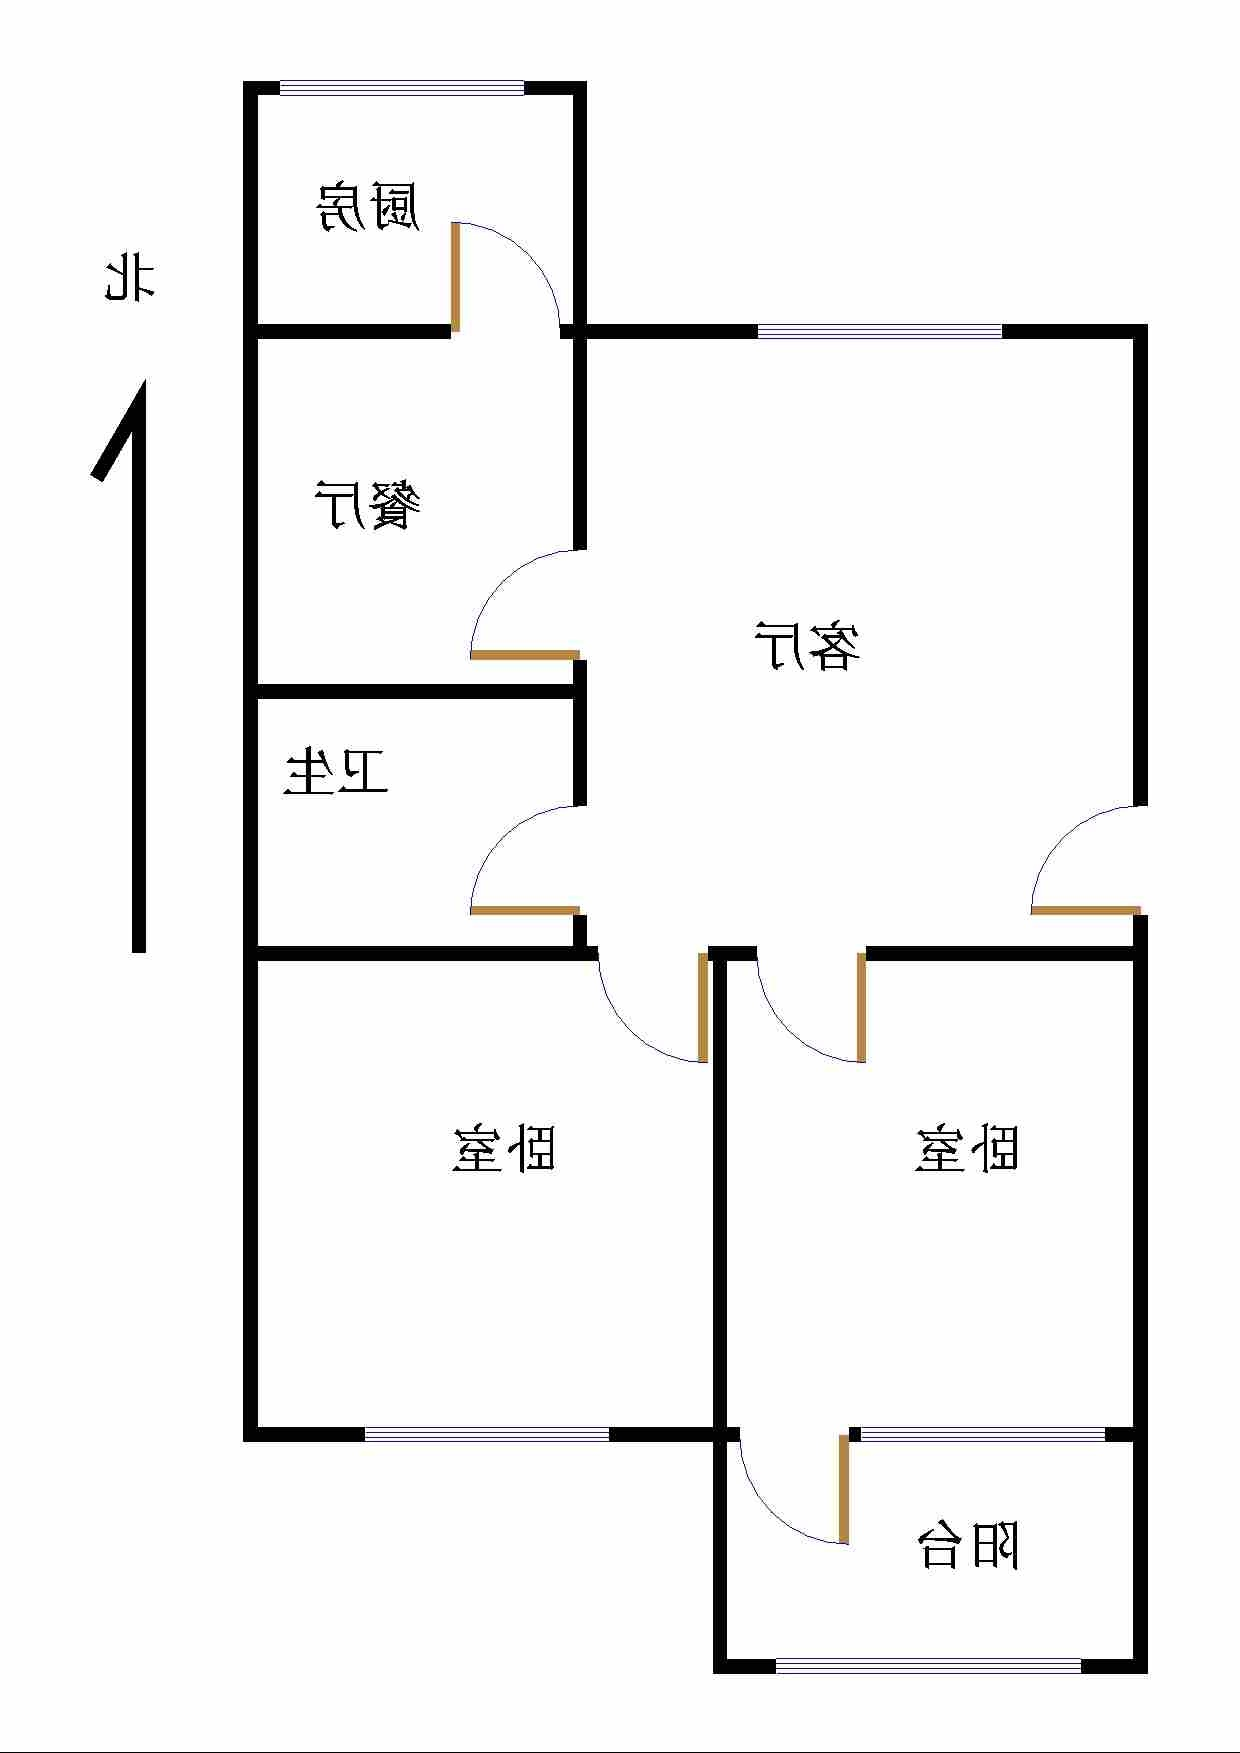 十三局宿舍东区 2室1厅 双证齐全过五年 简装 69万